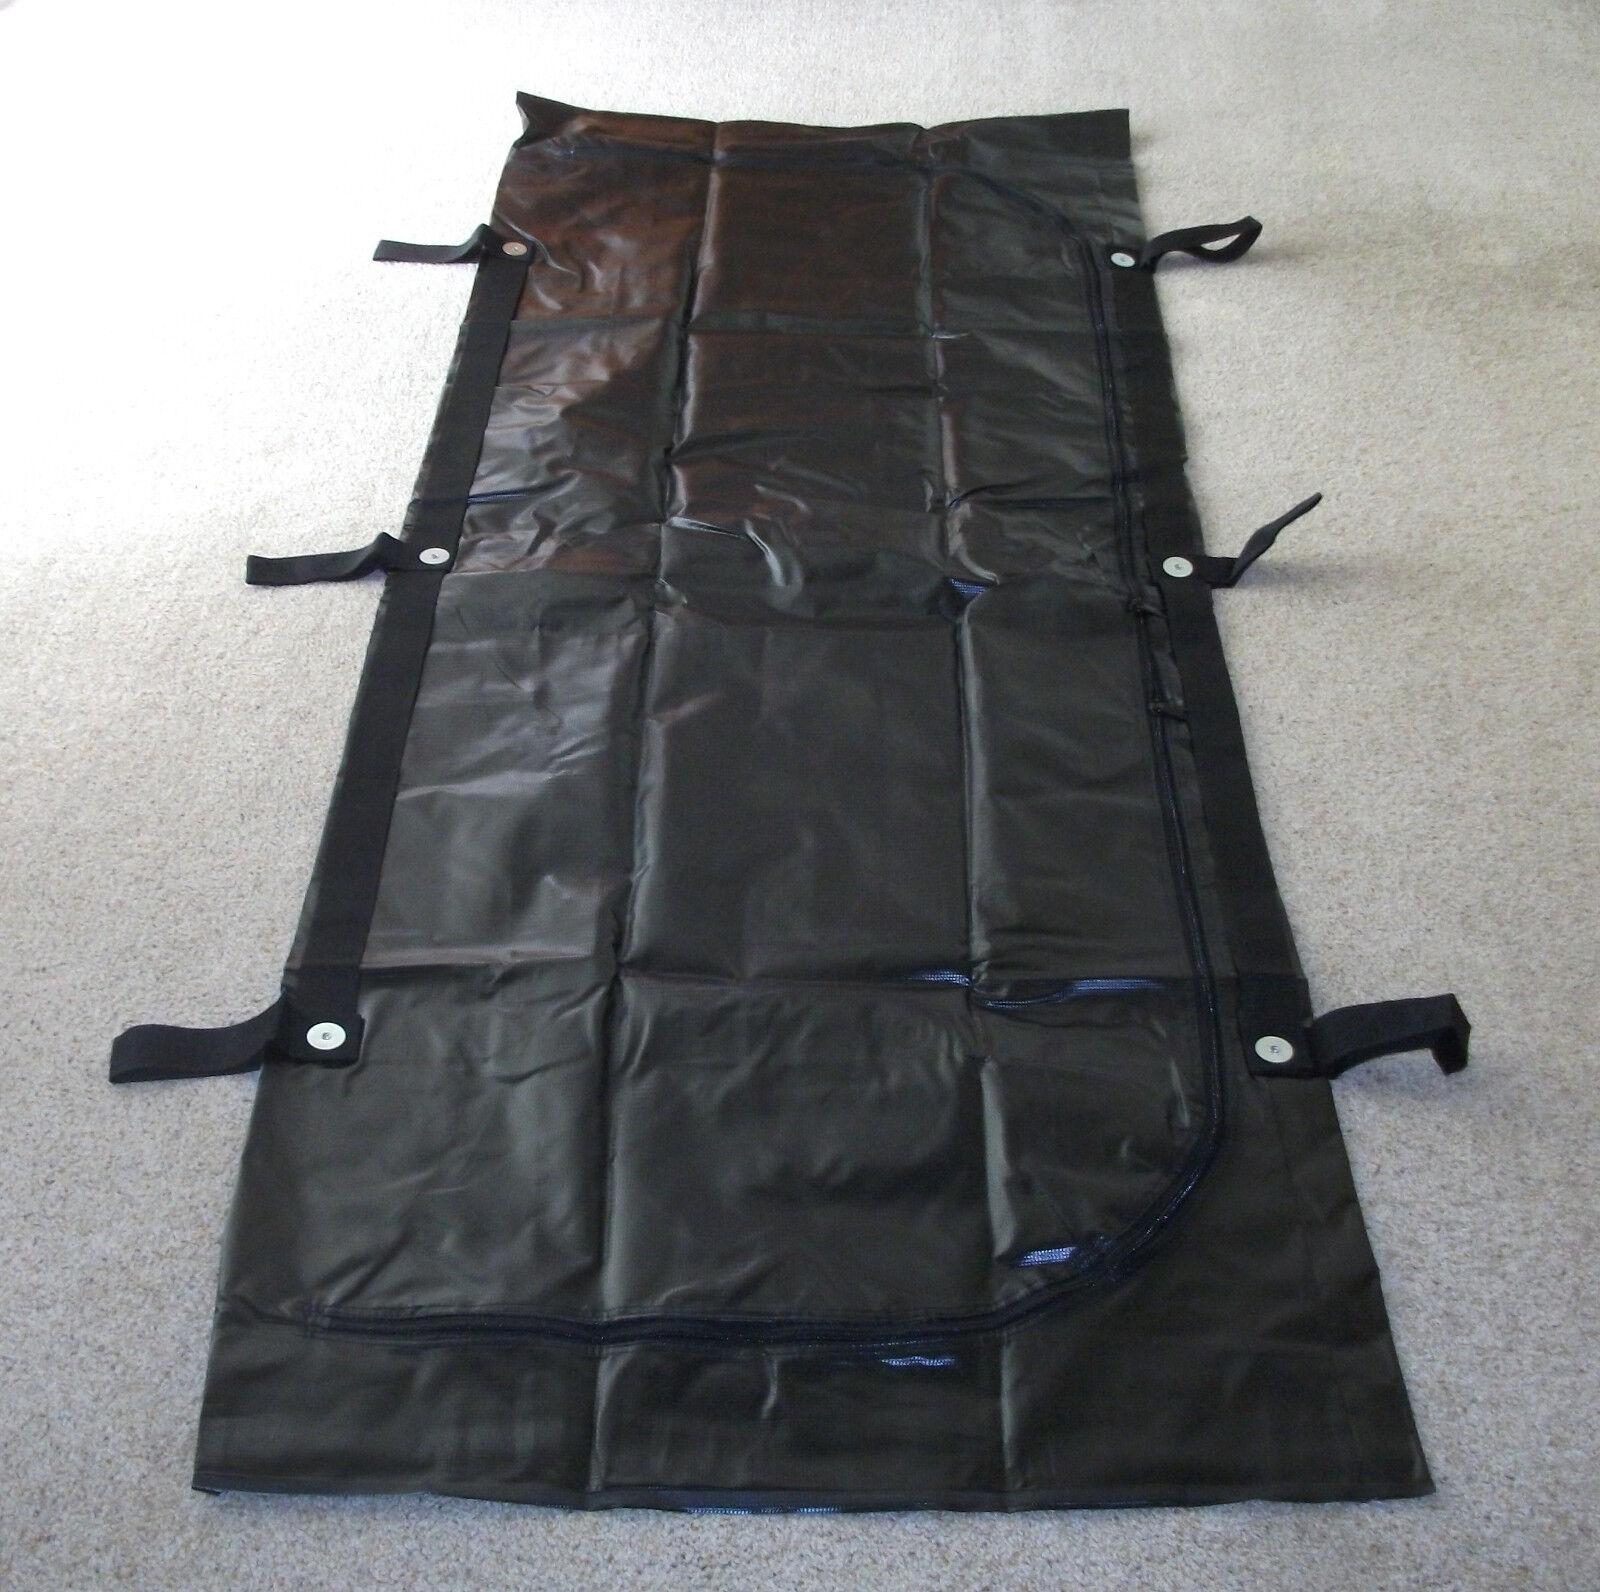 Salam Disaster Bag Deer Hunting Carcass Ski Body Bag  Model SP